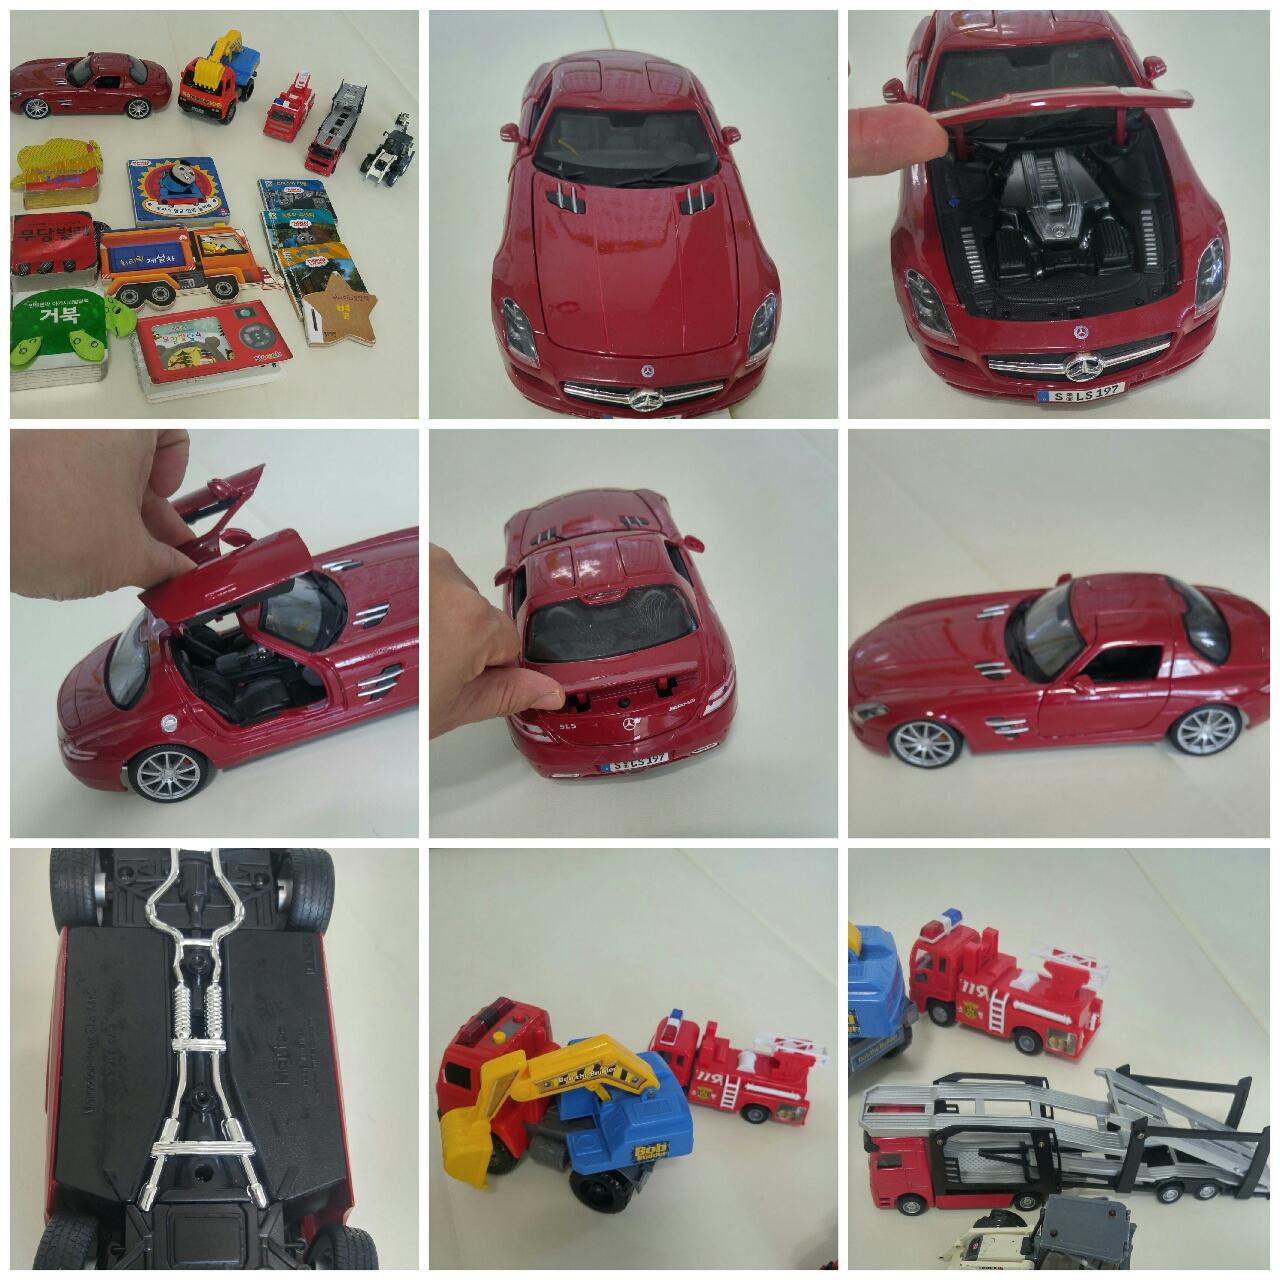 ★미니 벤츠 장난감(프리미어 메르세데스 벤츠)과 책•장난감 등 15개 일괄